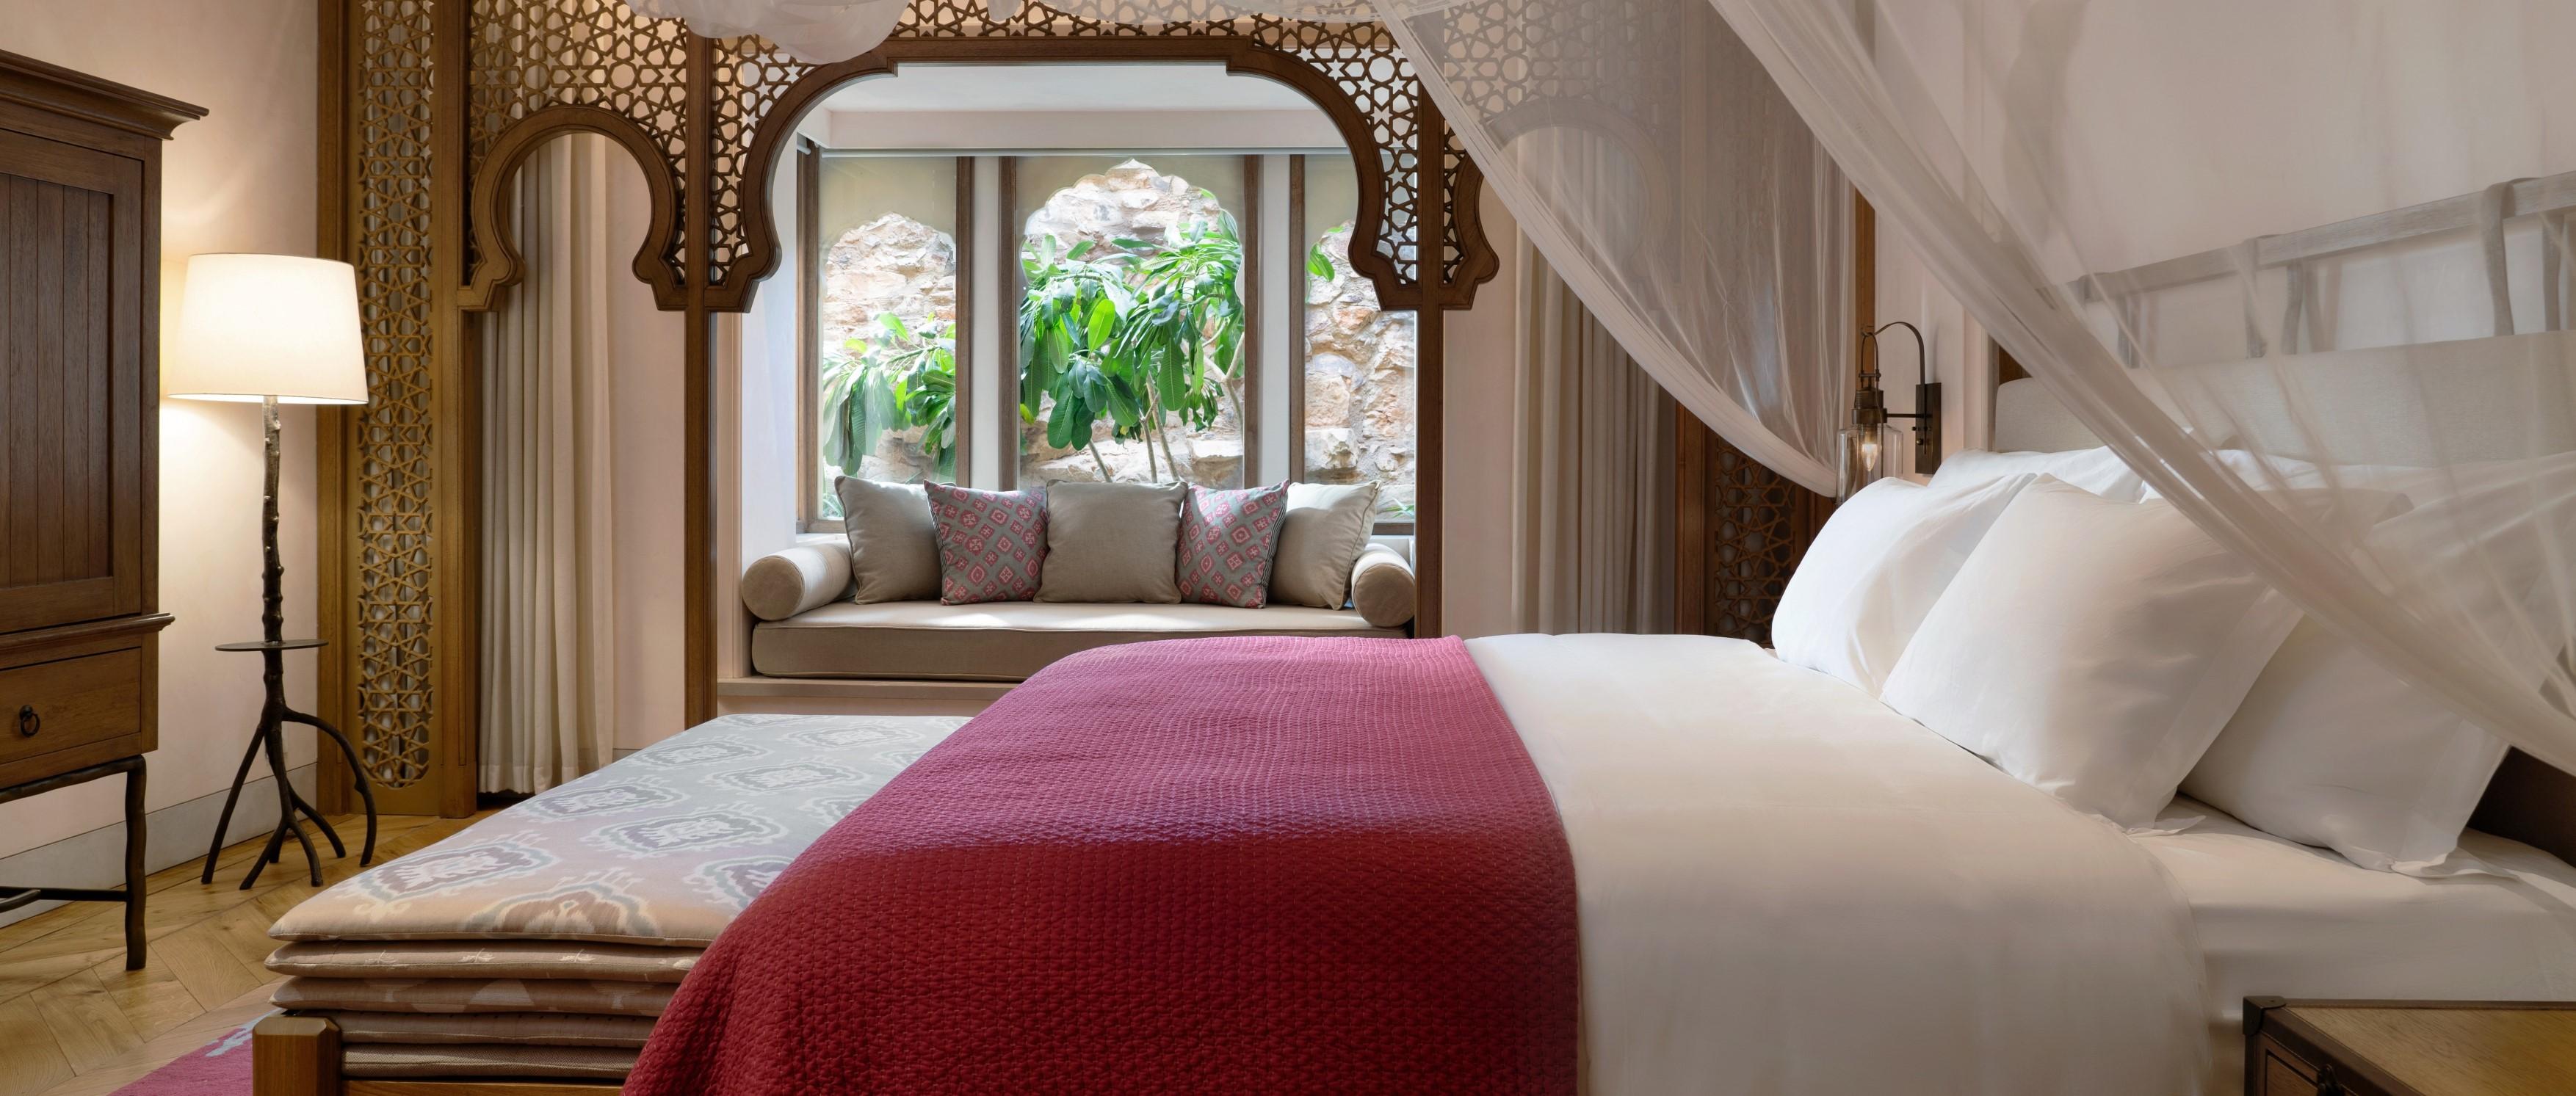 Deluxe-Barwara-Suite-bedroom